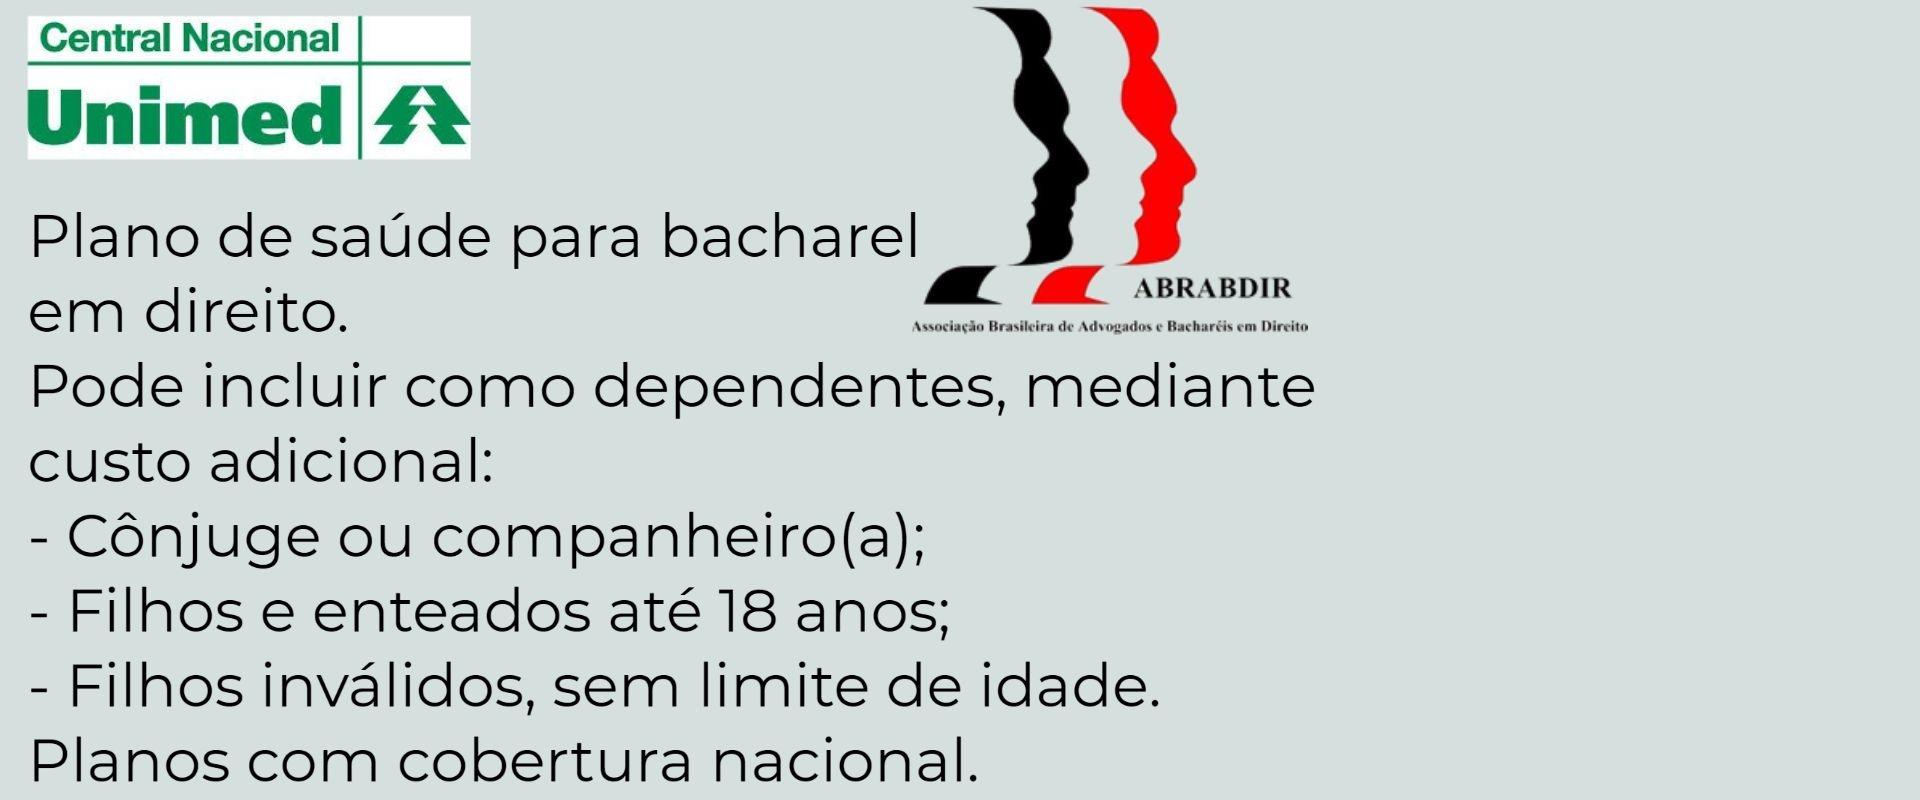 Unimed ABRABDIR Itaquaquecetuba